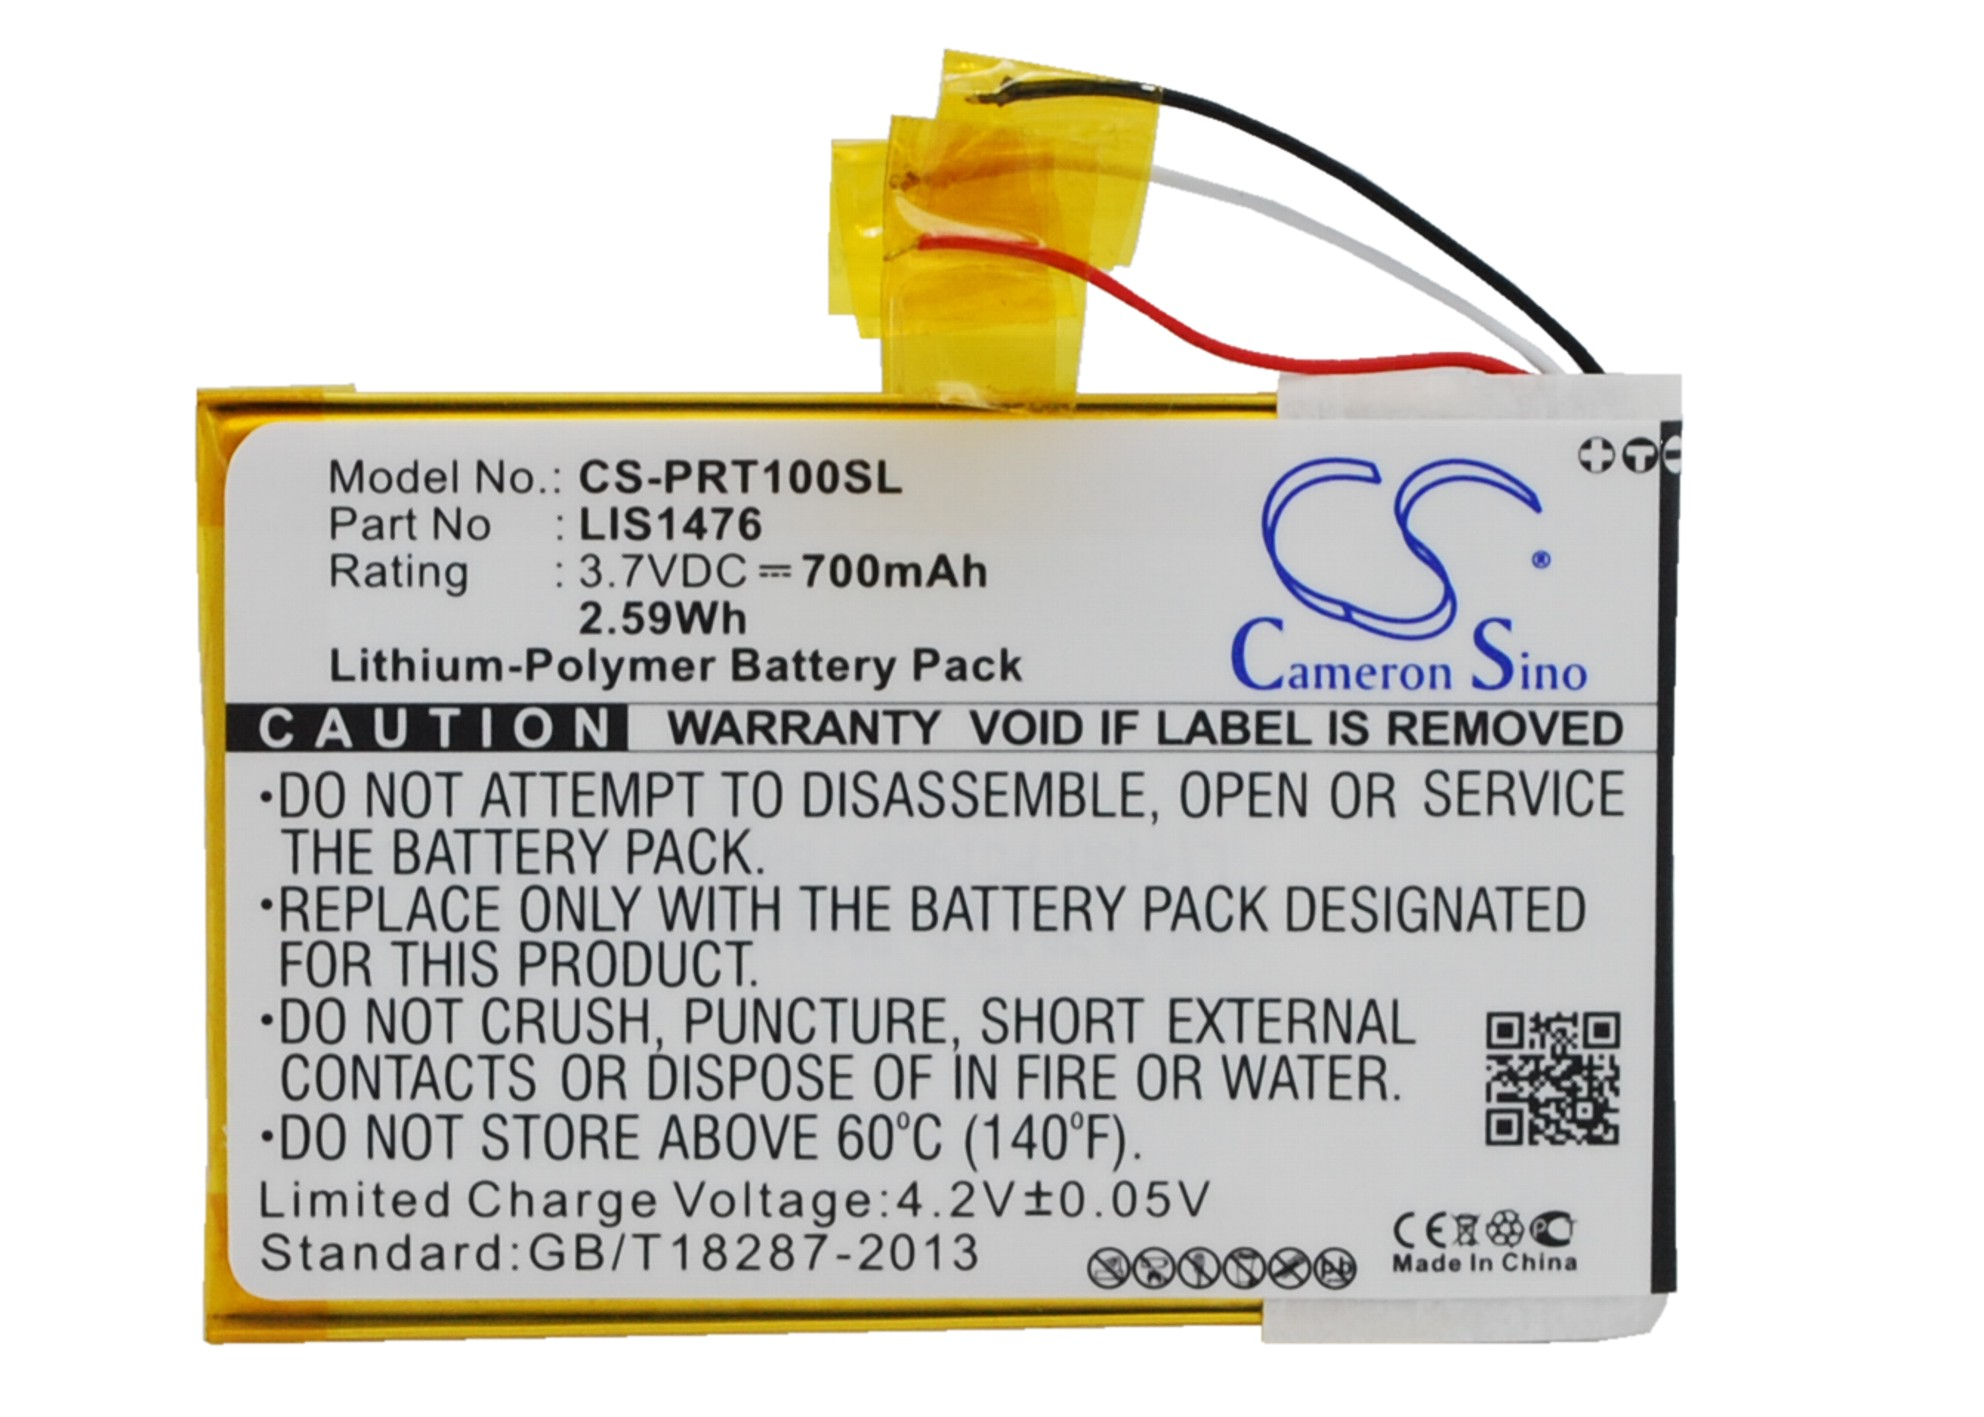 Cameron Sino baterie do elektronických čteček knih pro SONY PRS-T1 3.7V Li-Polymer 700mAh černá - neoriginální